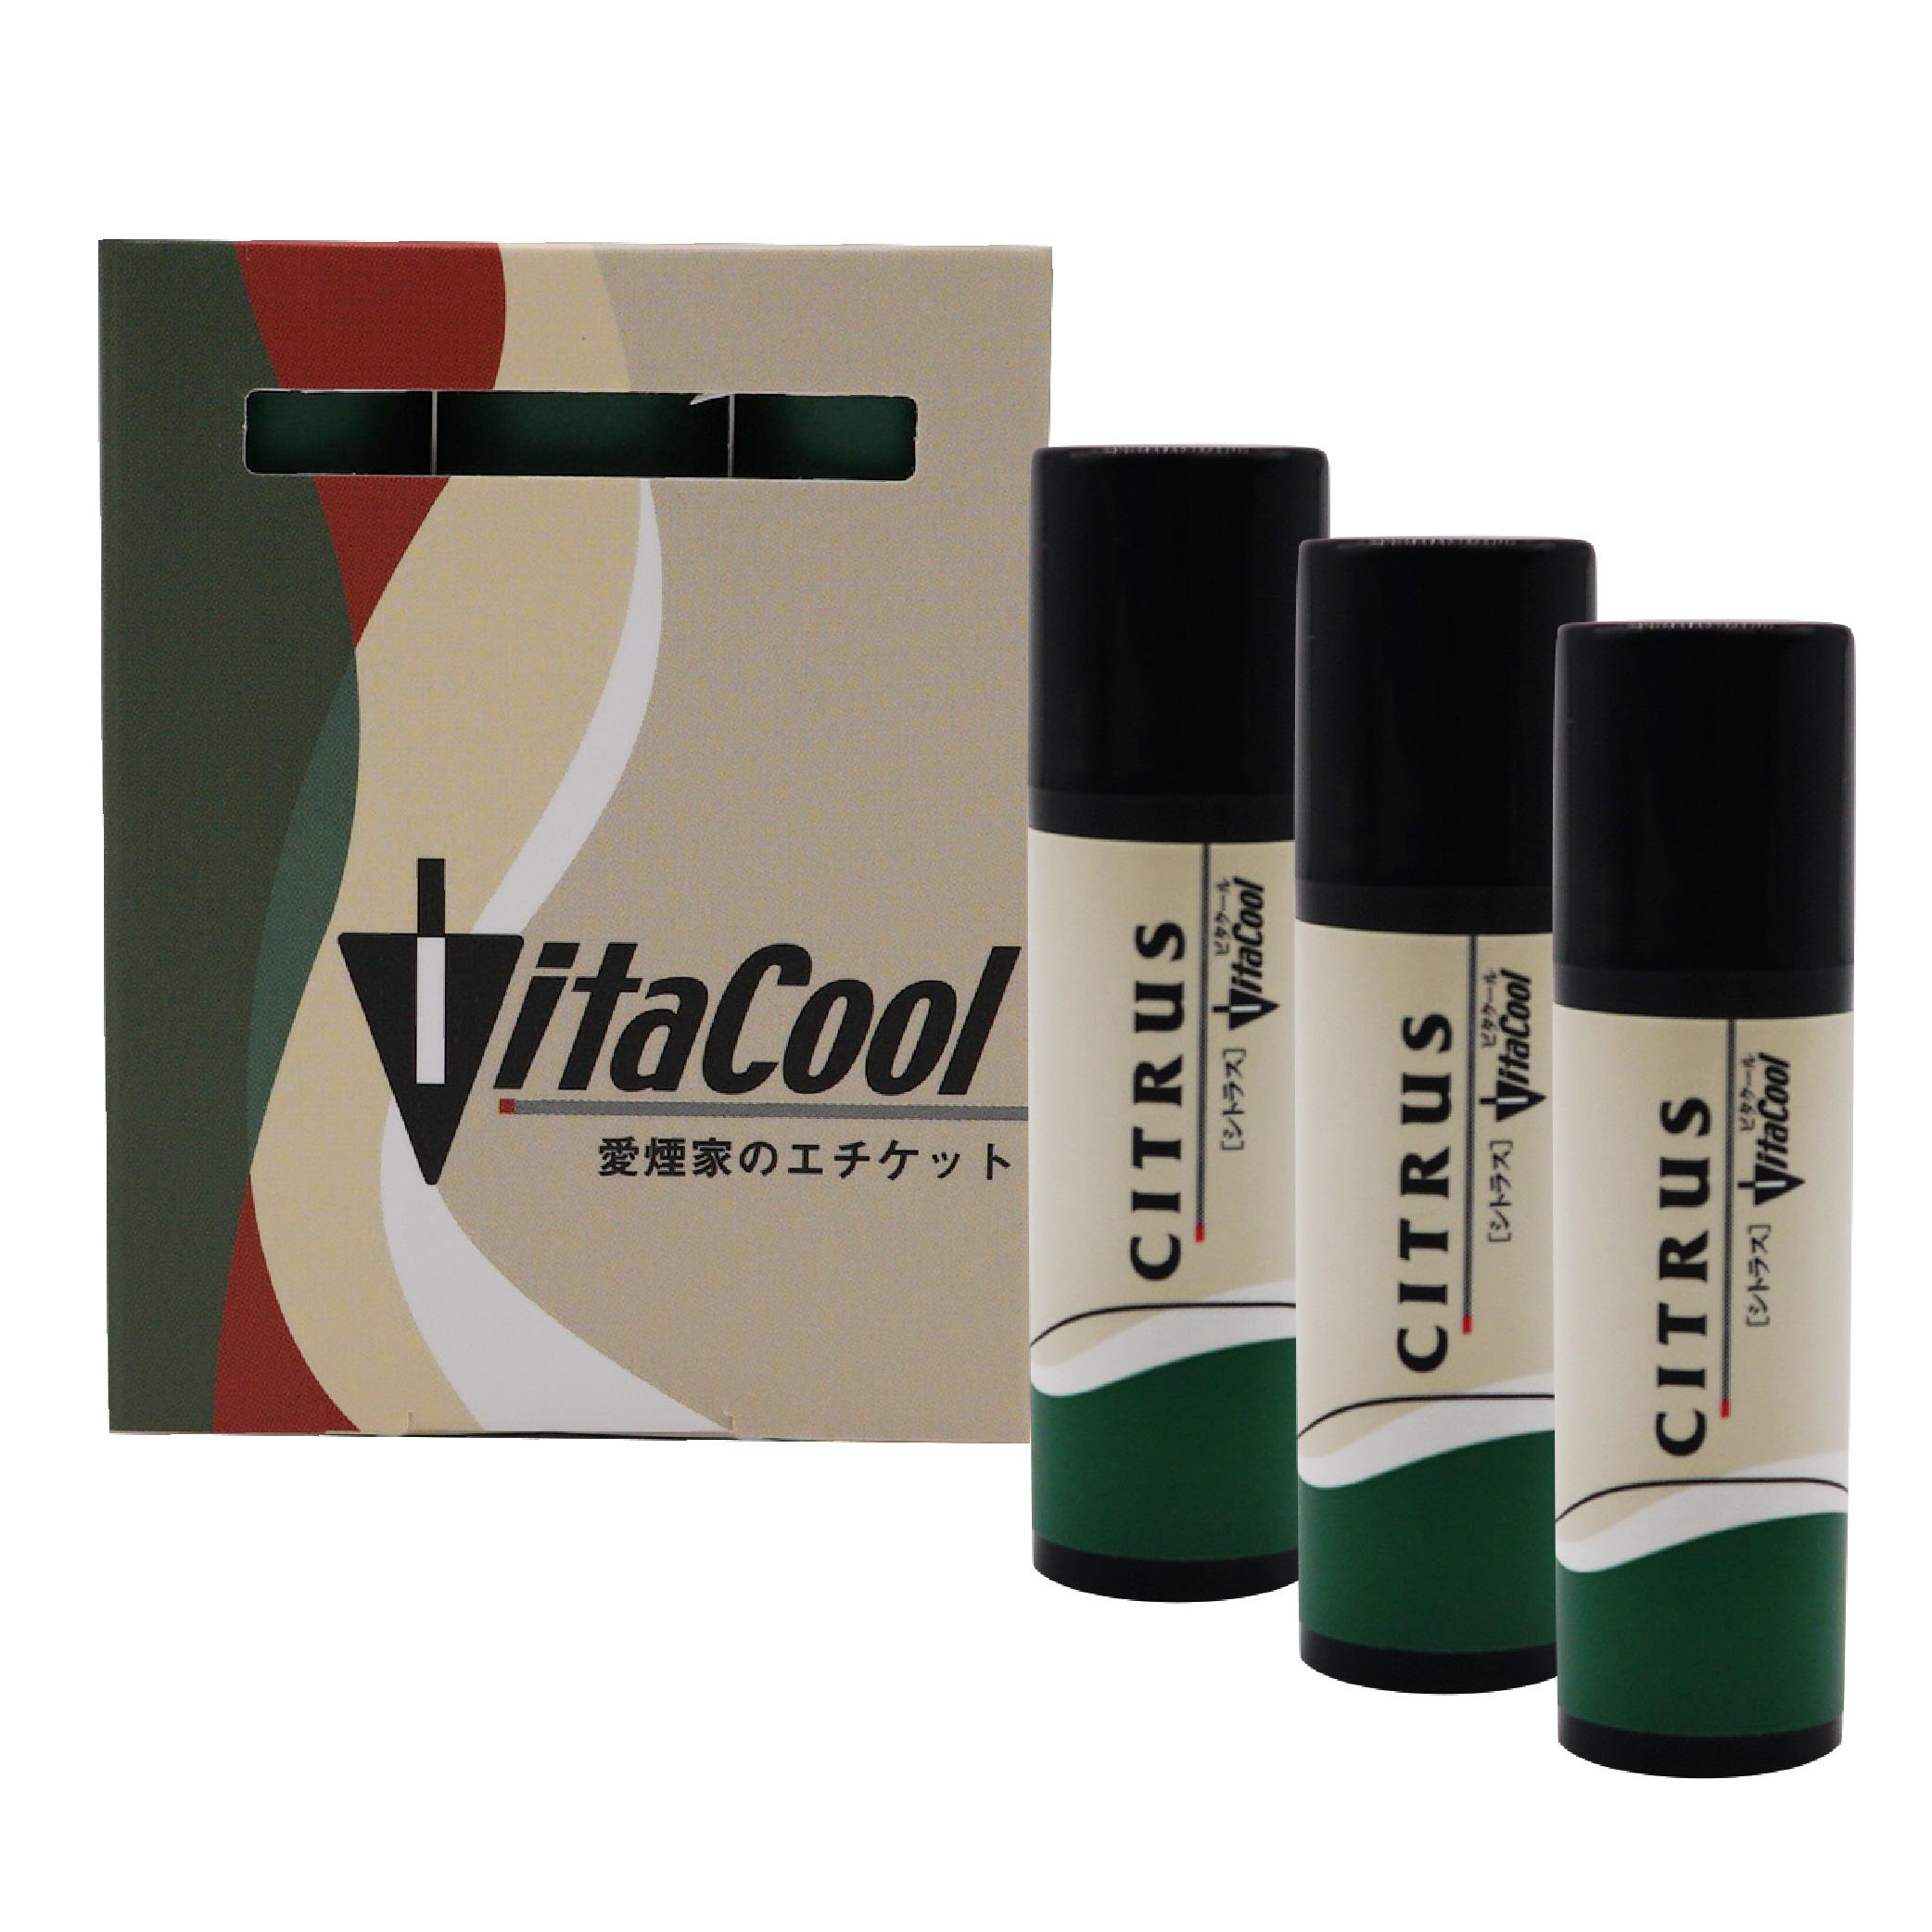 ビタクール シトラス 5g×3本 プログラムパック  (vitacool Citrus 5g×3 programpack)